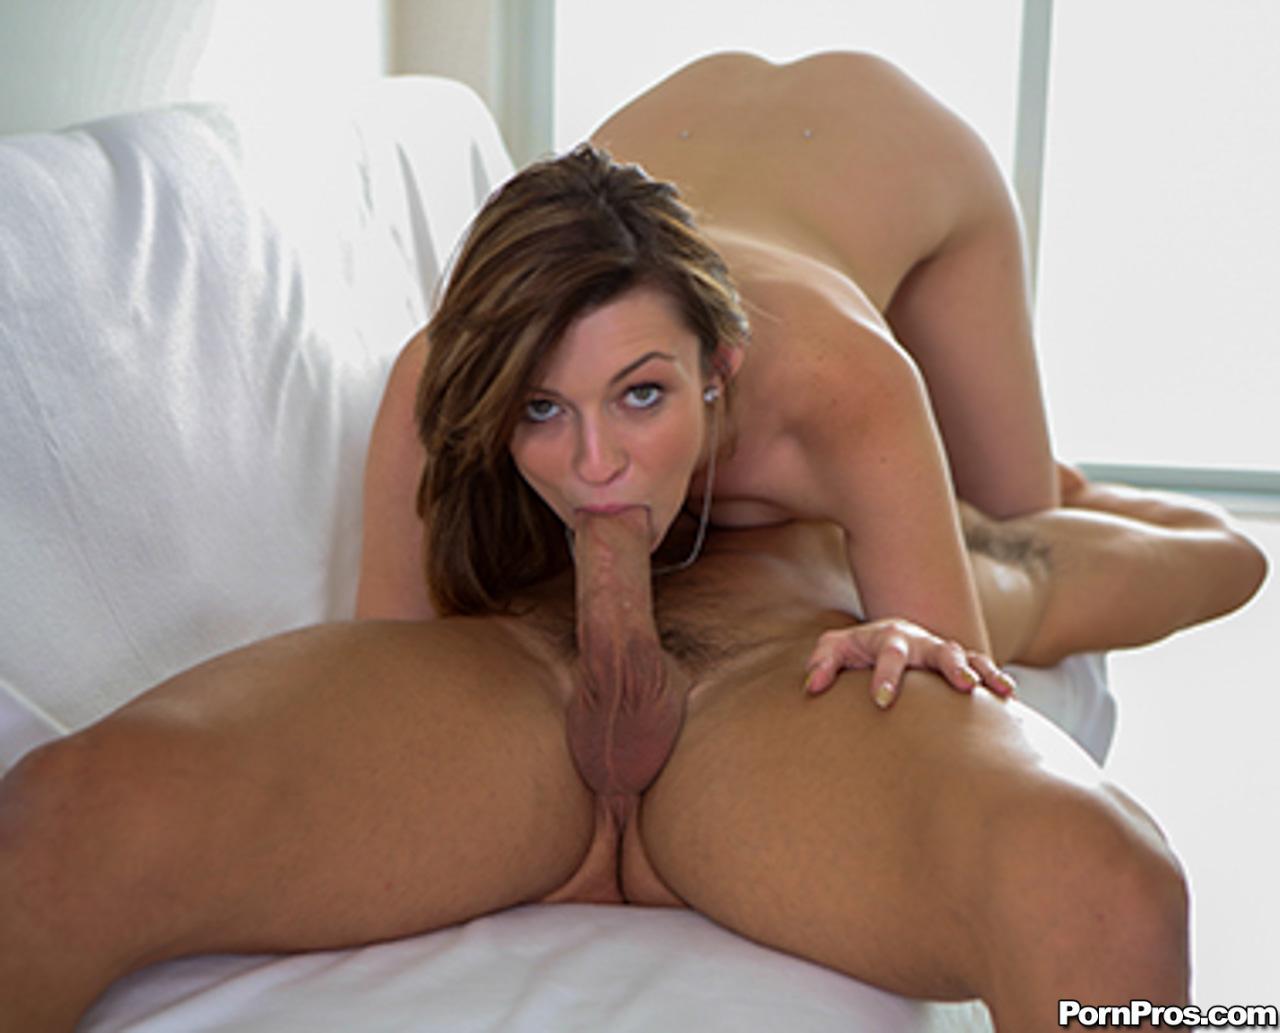 Hot asian women ass